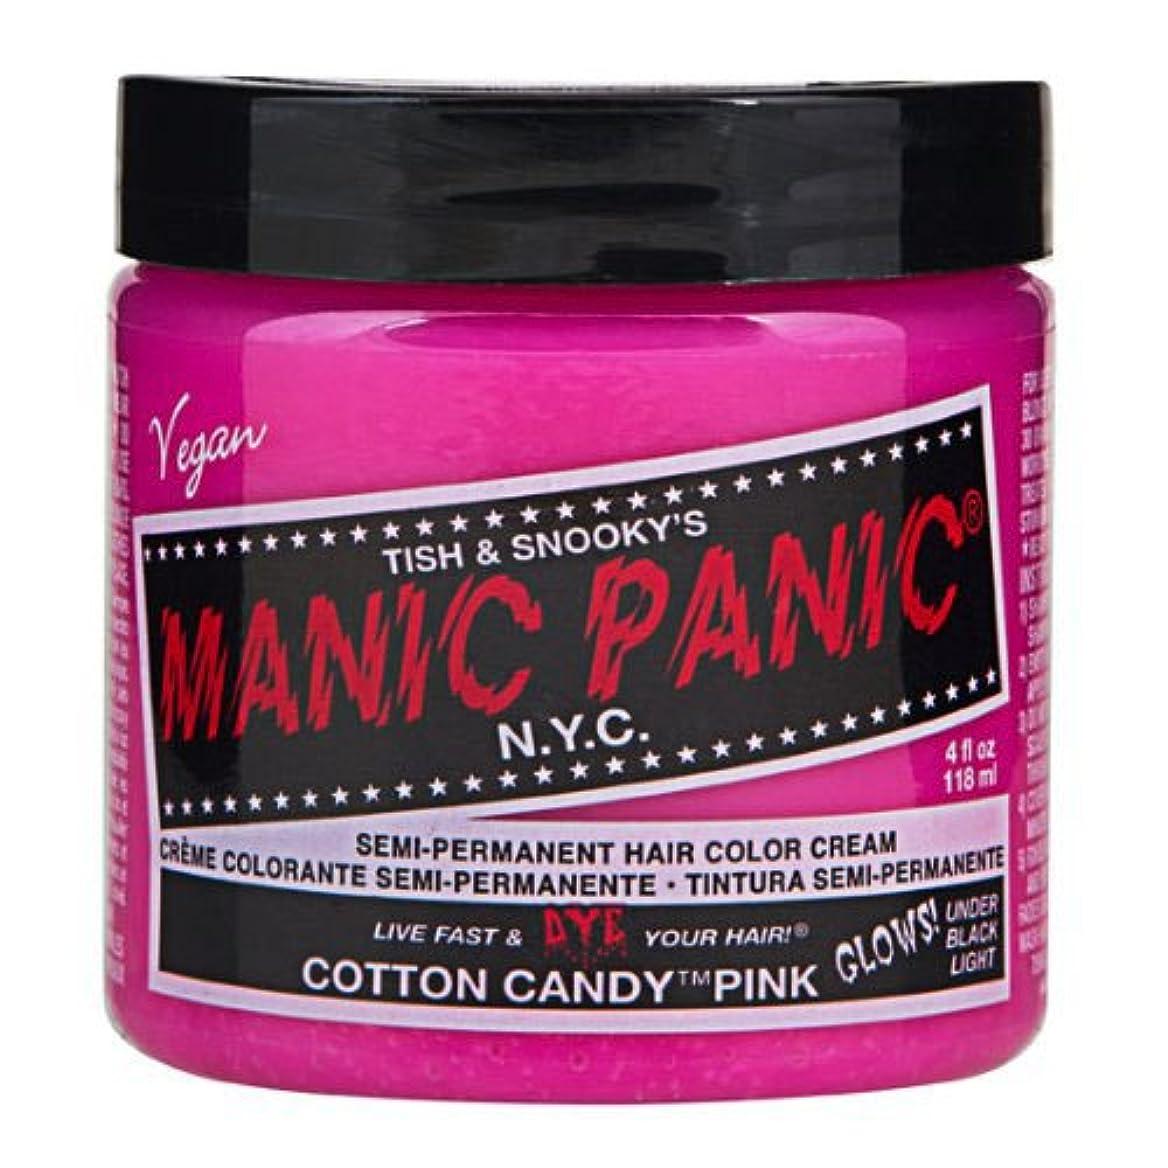 呼吸面更新マニックパニック カラークリーム コットンキャンディーピンク